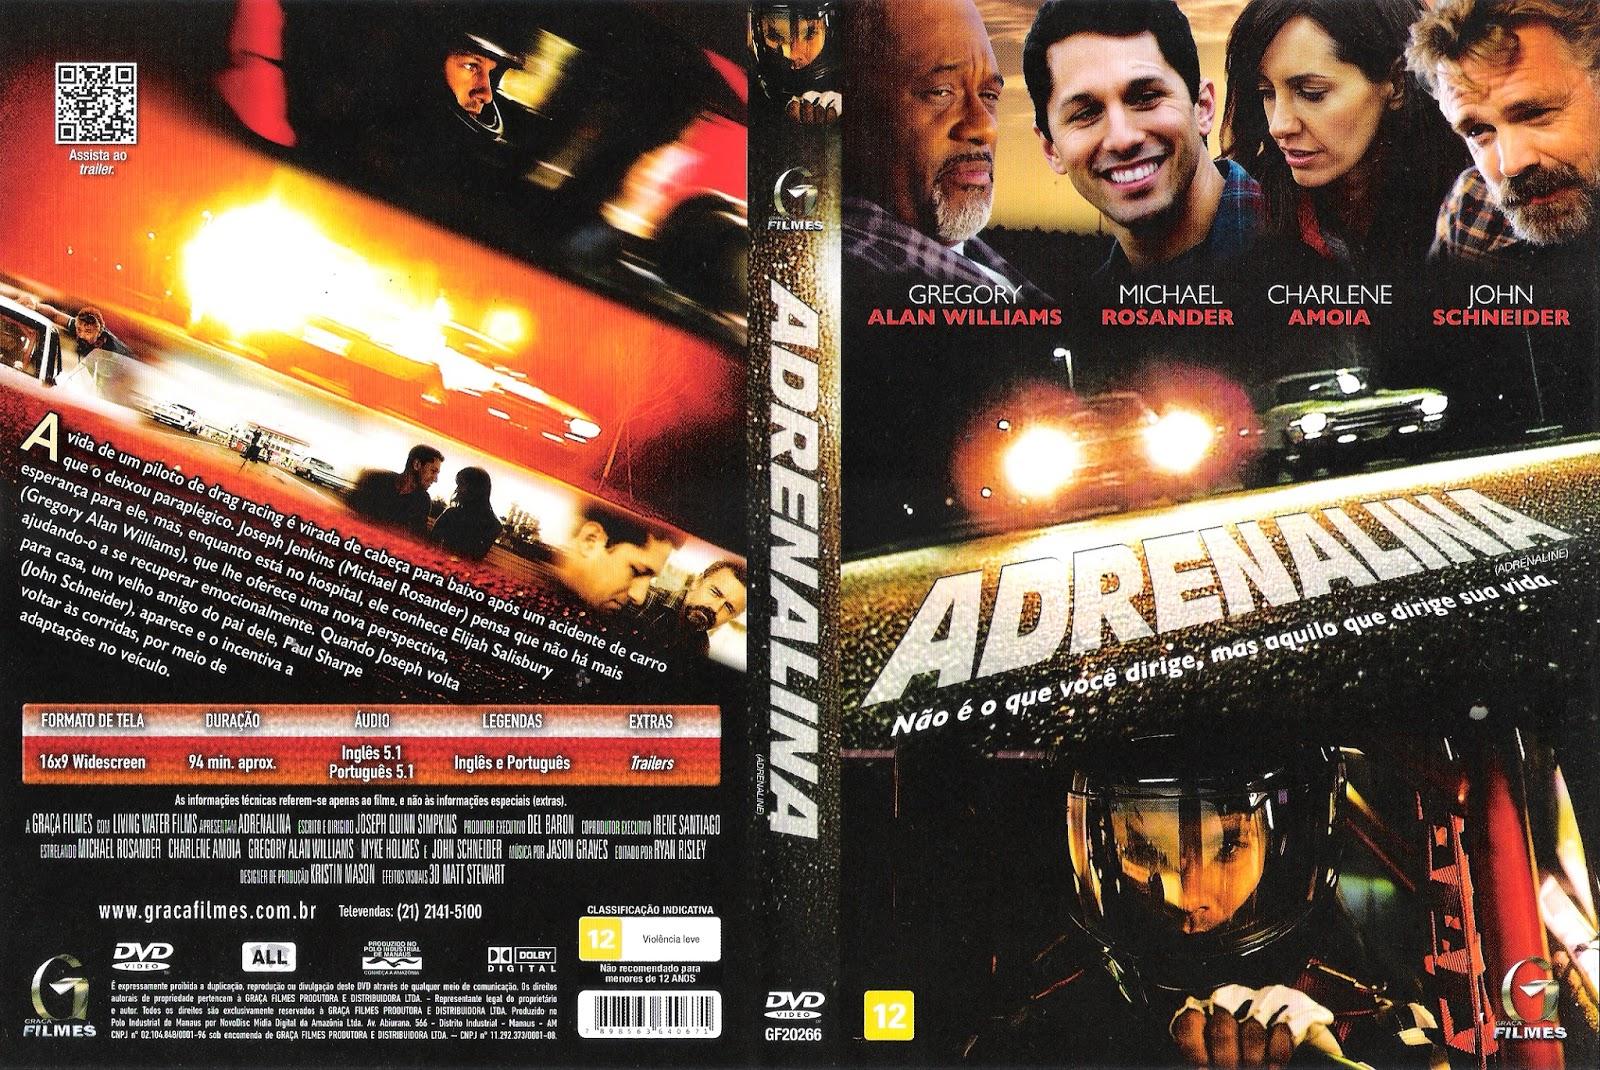 Resultado de imagem para filme cristão Adrenalina